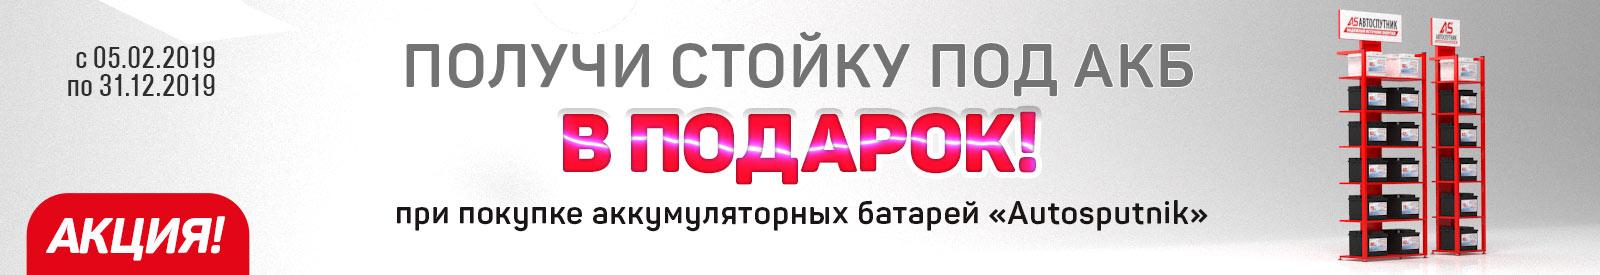 """Акция """"Стойка под аккумуляторы Autosputnik в подарок"""""""